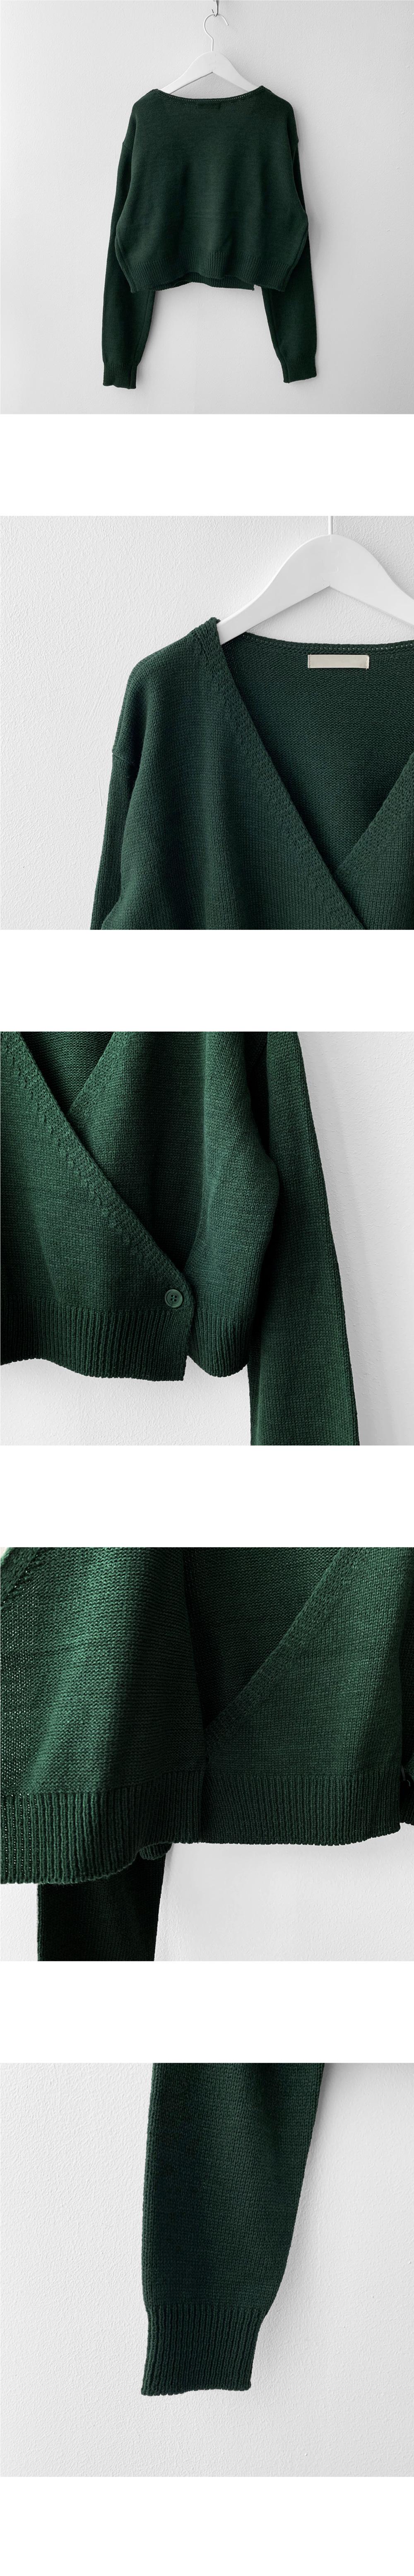 Ronnie Wrap Knitwear Cardigan